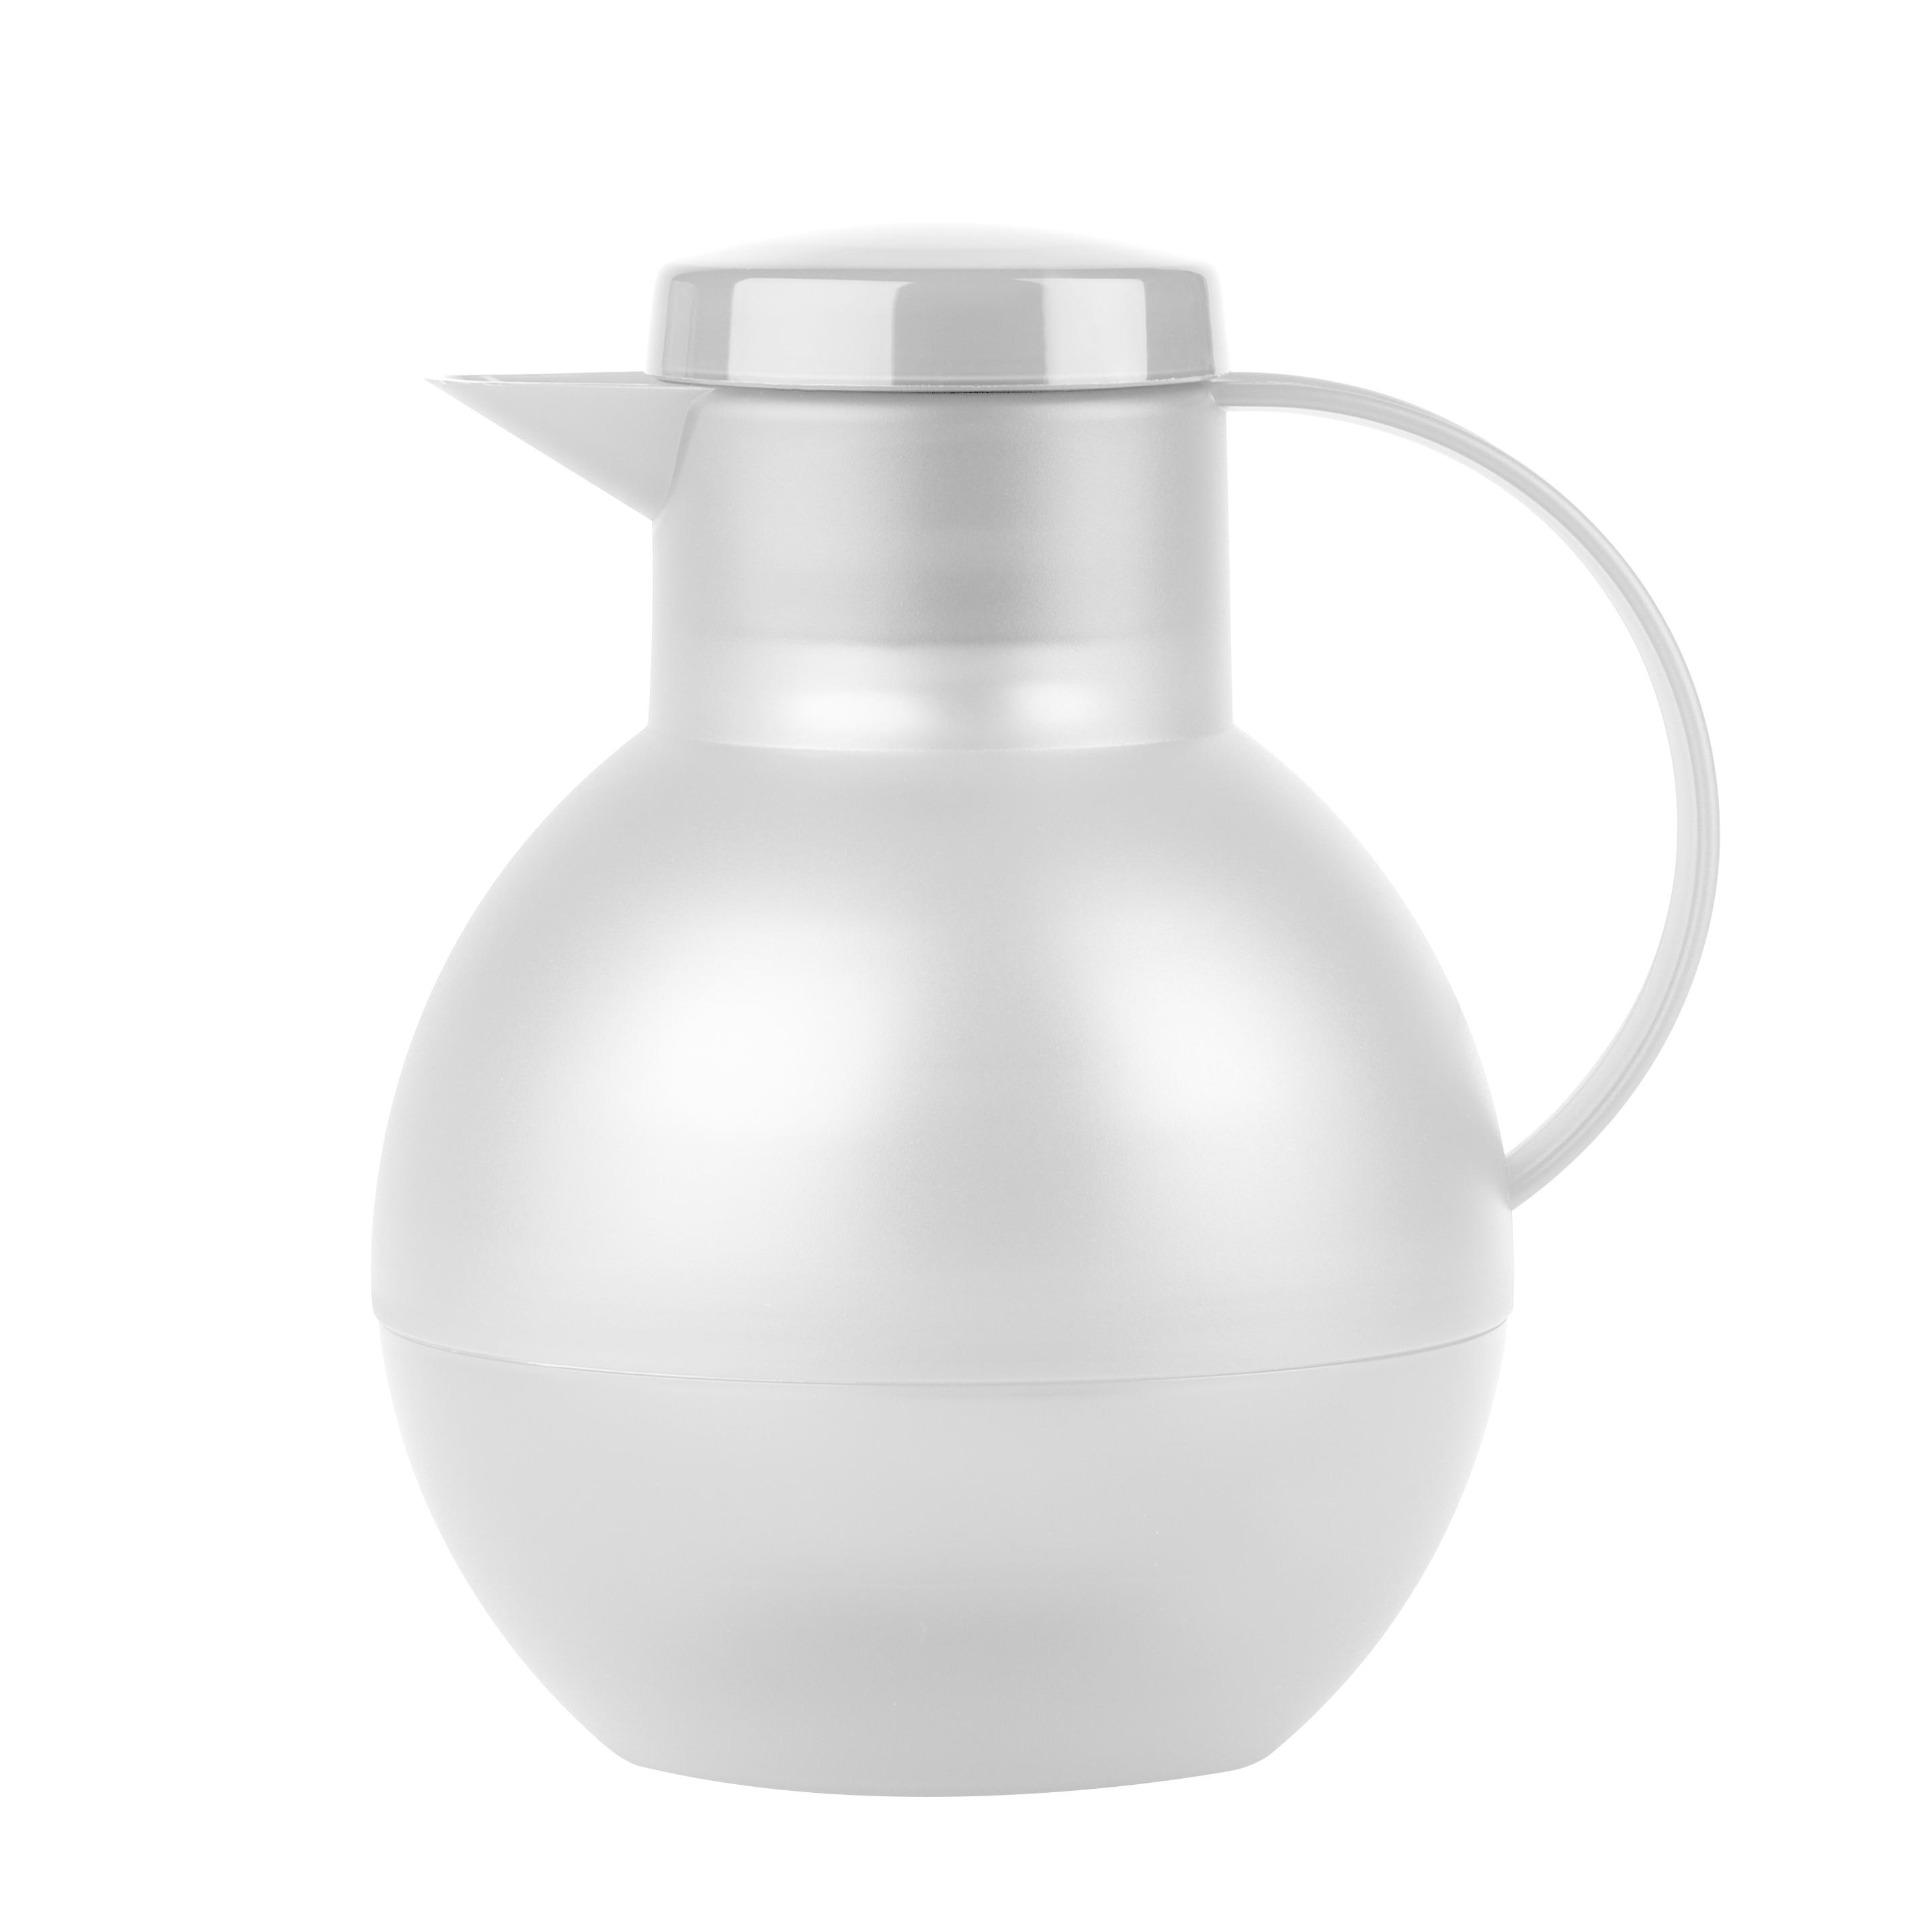 EMSA 509154 SOLERA TEE-ISOLIERKANNE 1,0L Weiß transluzent Schraubverschluss - mit AROMA-Teesieb